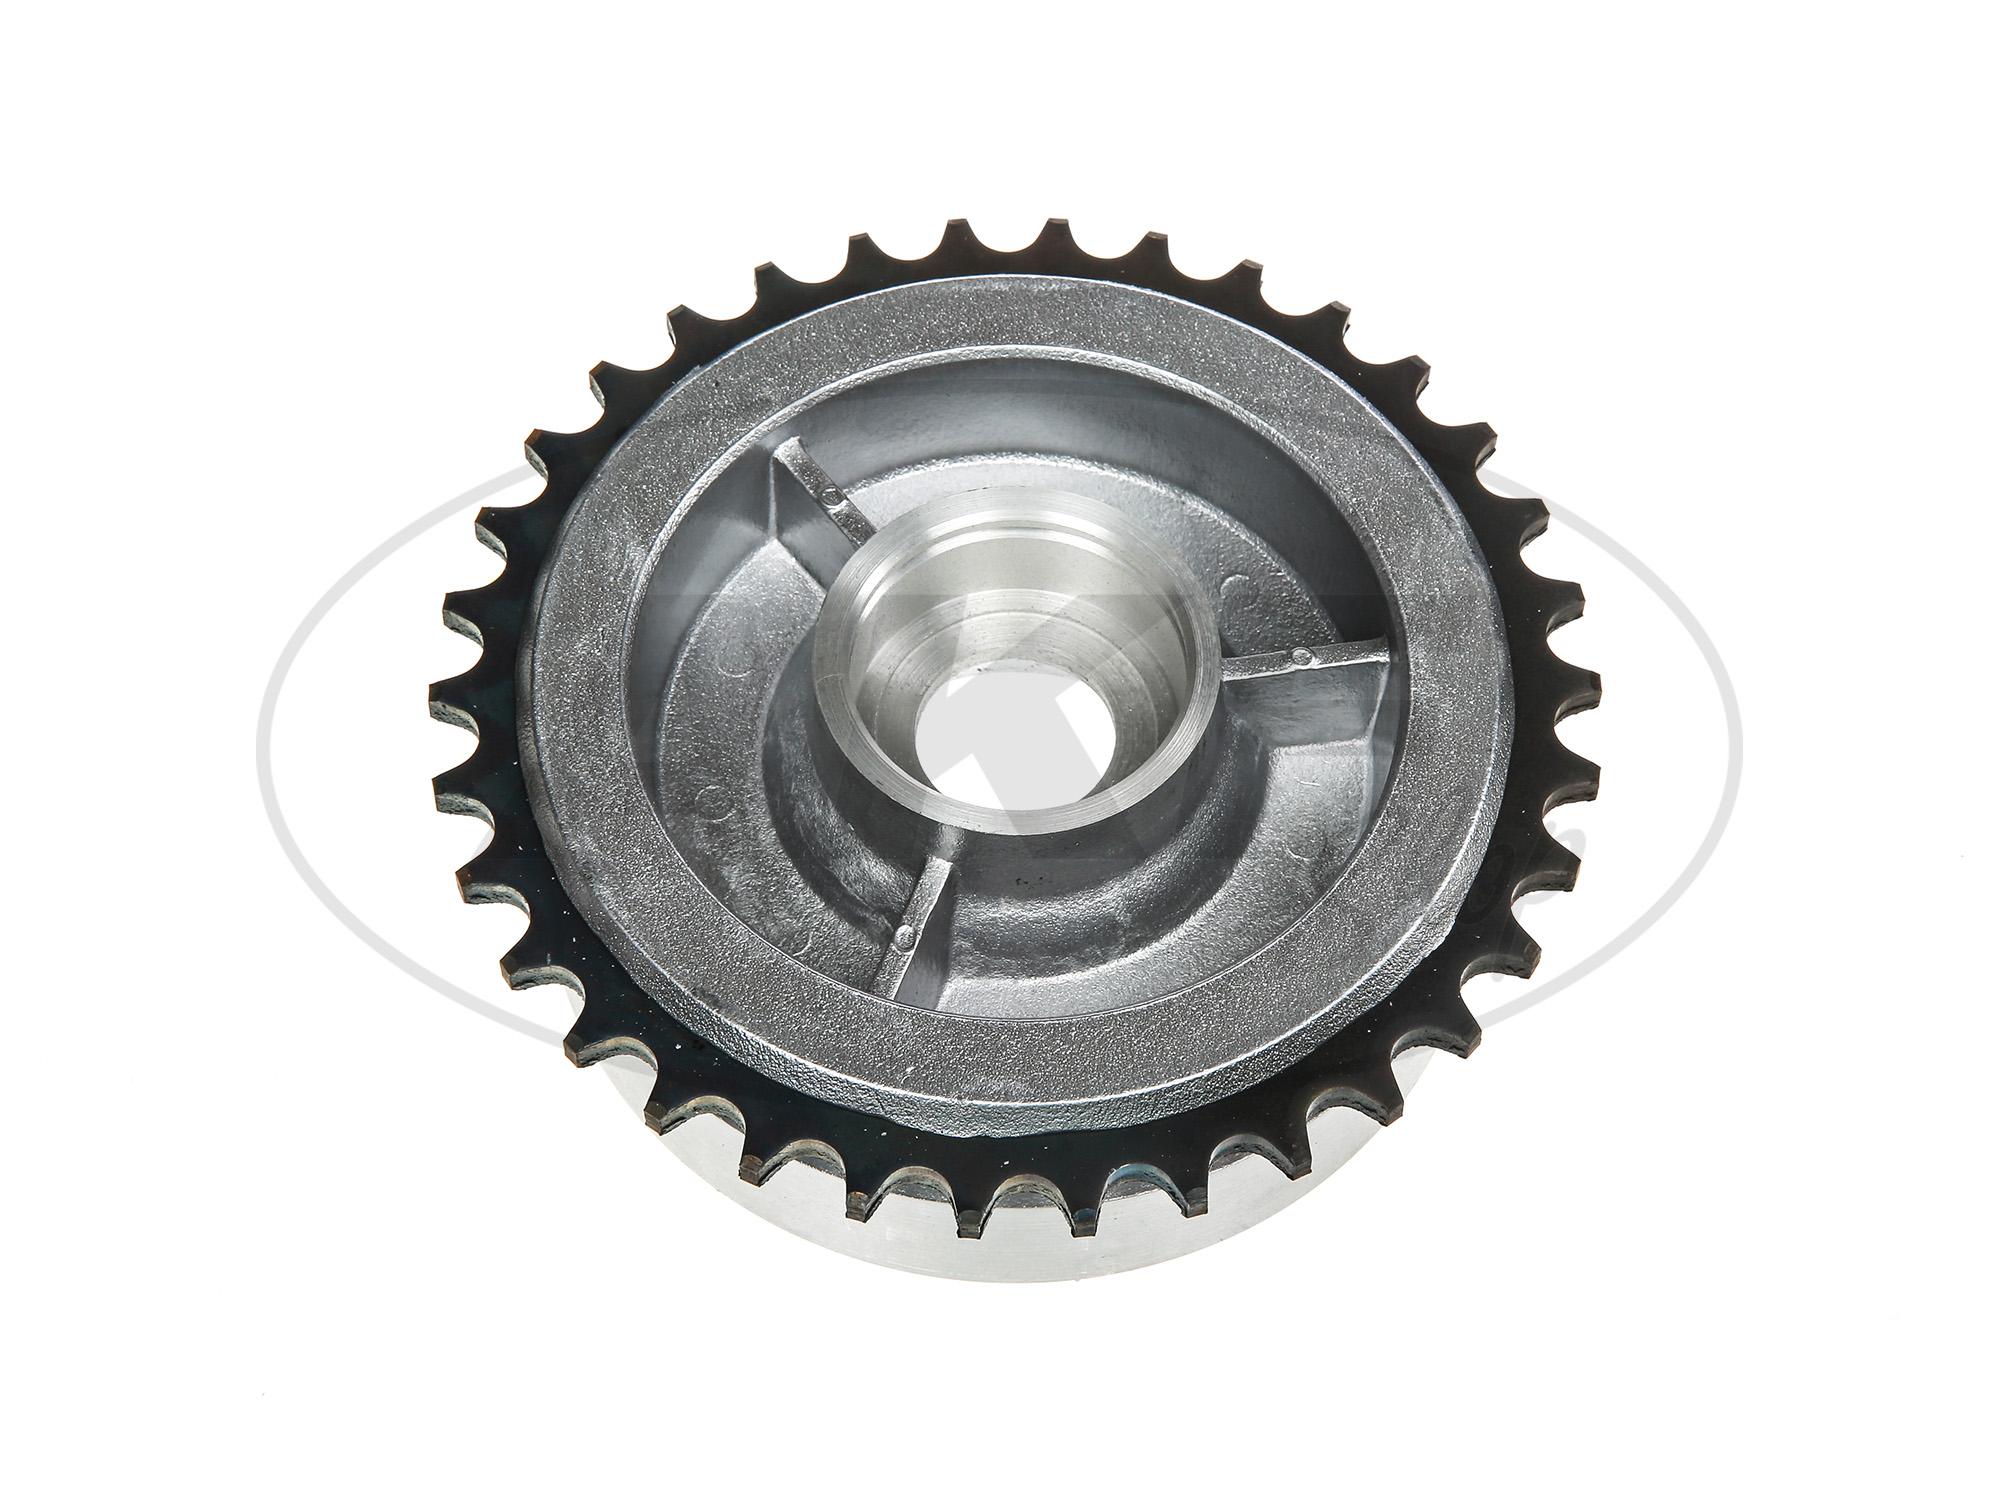 Zoom Ansicht Kettenrad-Mitnehmer, 34 Zahn ohne Kugellager - für Simson S50, S51, KR51 Schwalbe, SR4, Duo